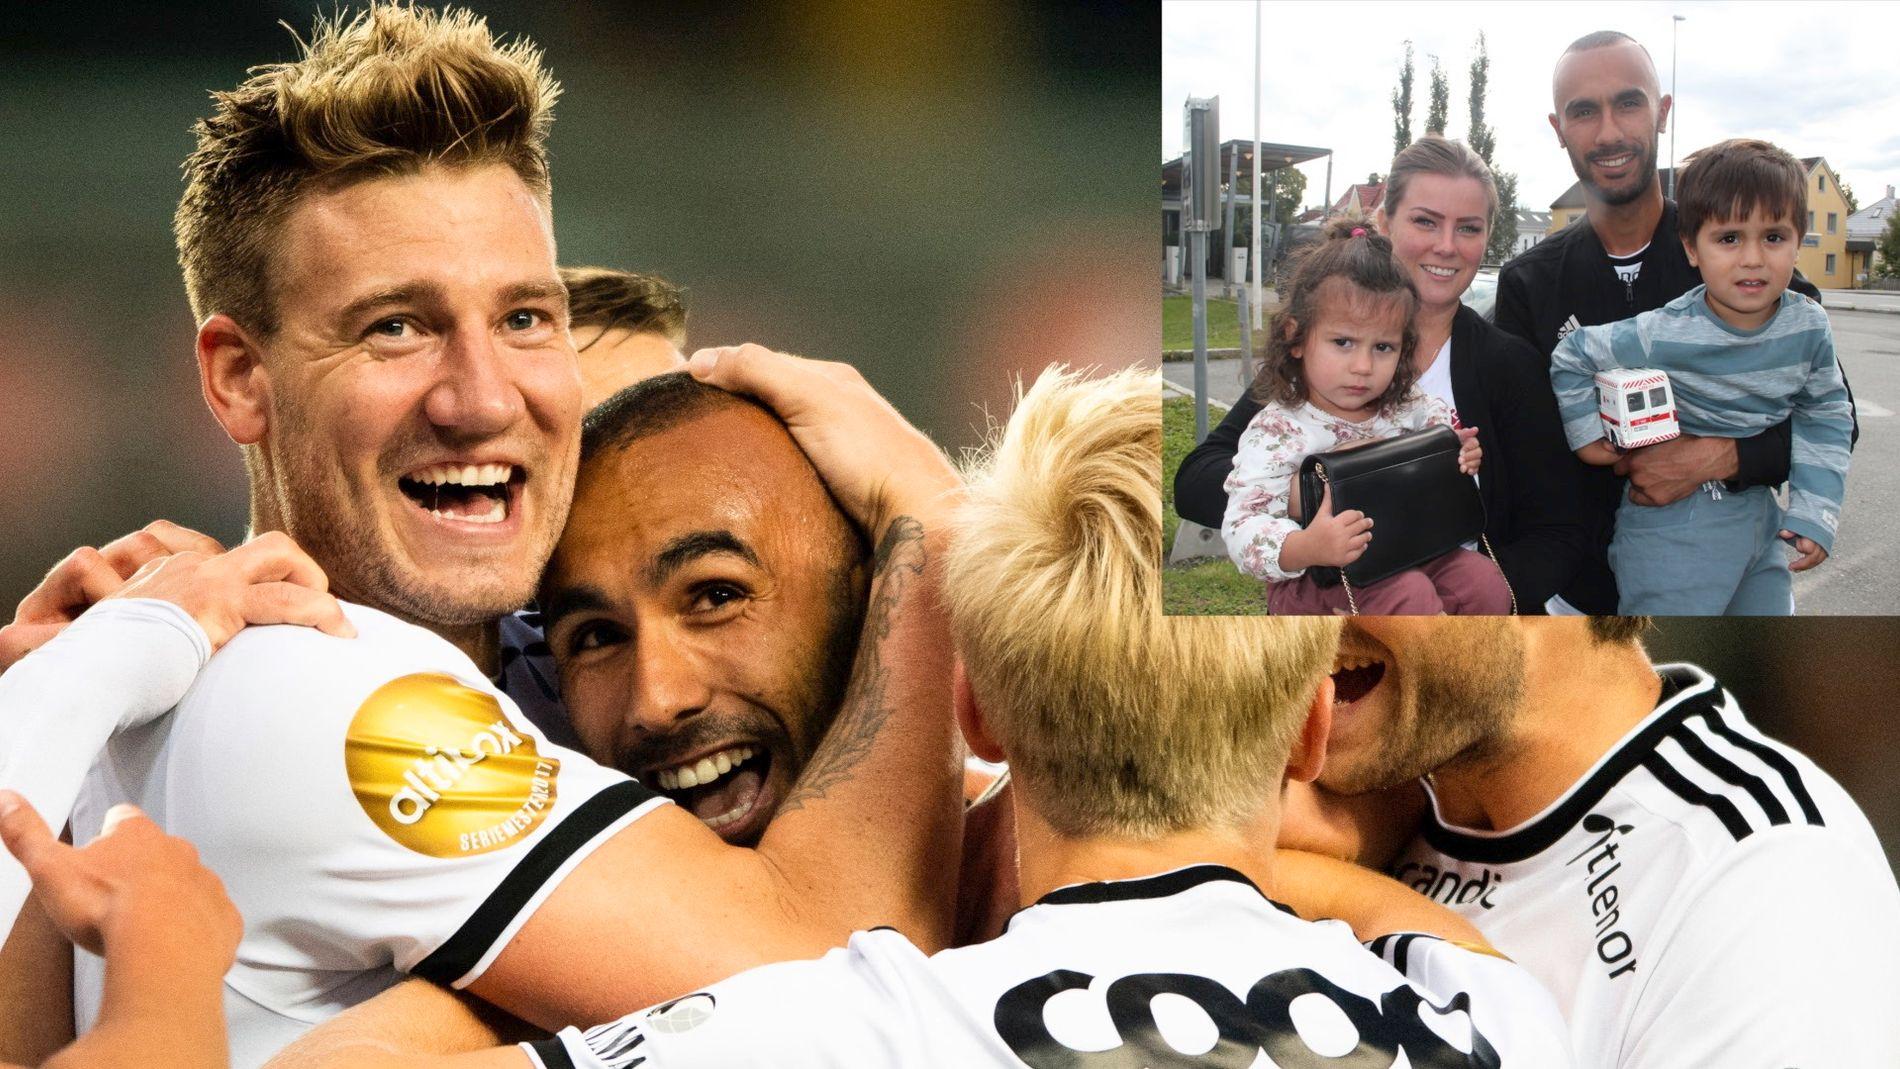 PANGSTART: Rosenborg-spiller Issam Jebali gratuleres av Nicklas Bendtner. På bildet oppe til høyre er han sammen med kona Niina Jebali og barna Yasmine (1,5 år) og Youssef (3) utenfor RBK-Brakka i Trondheim